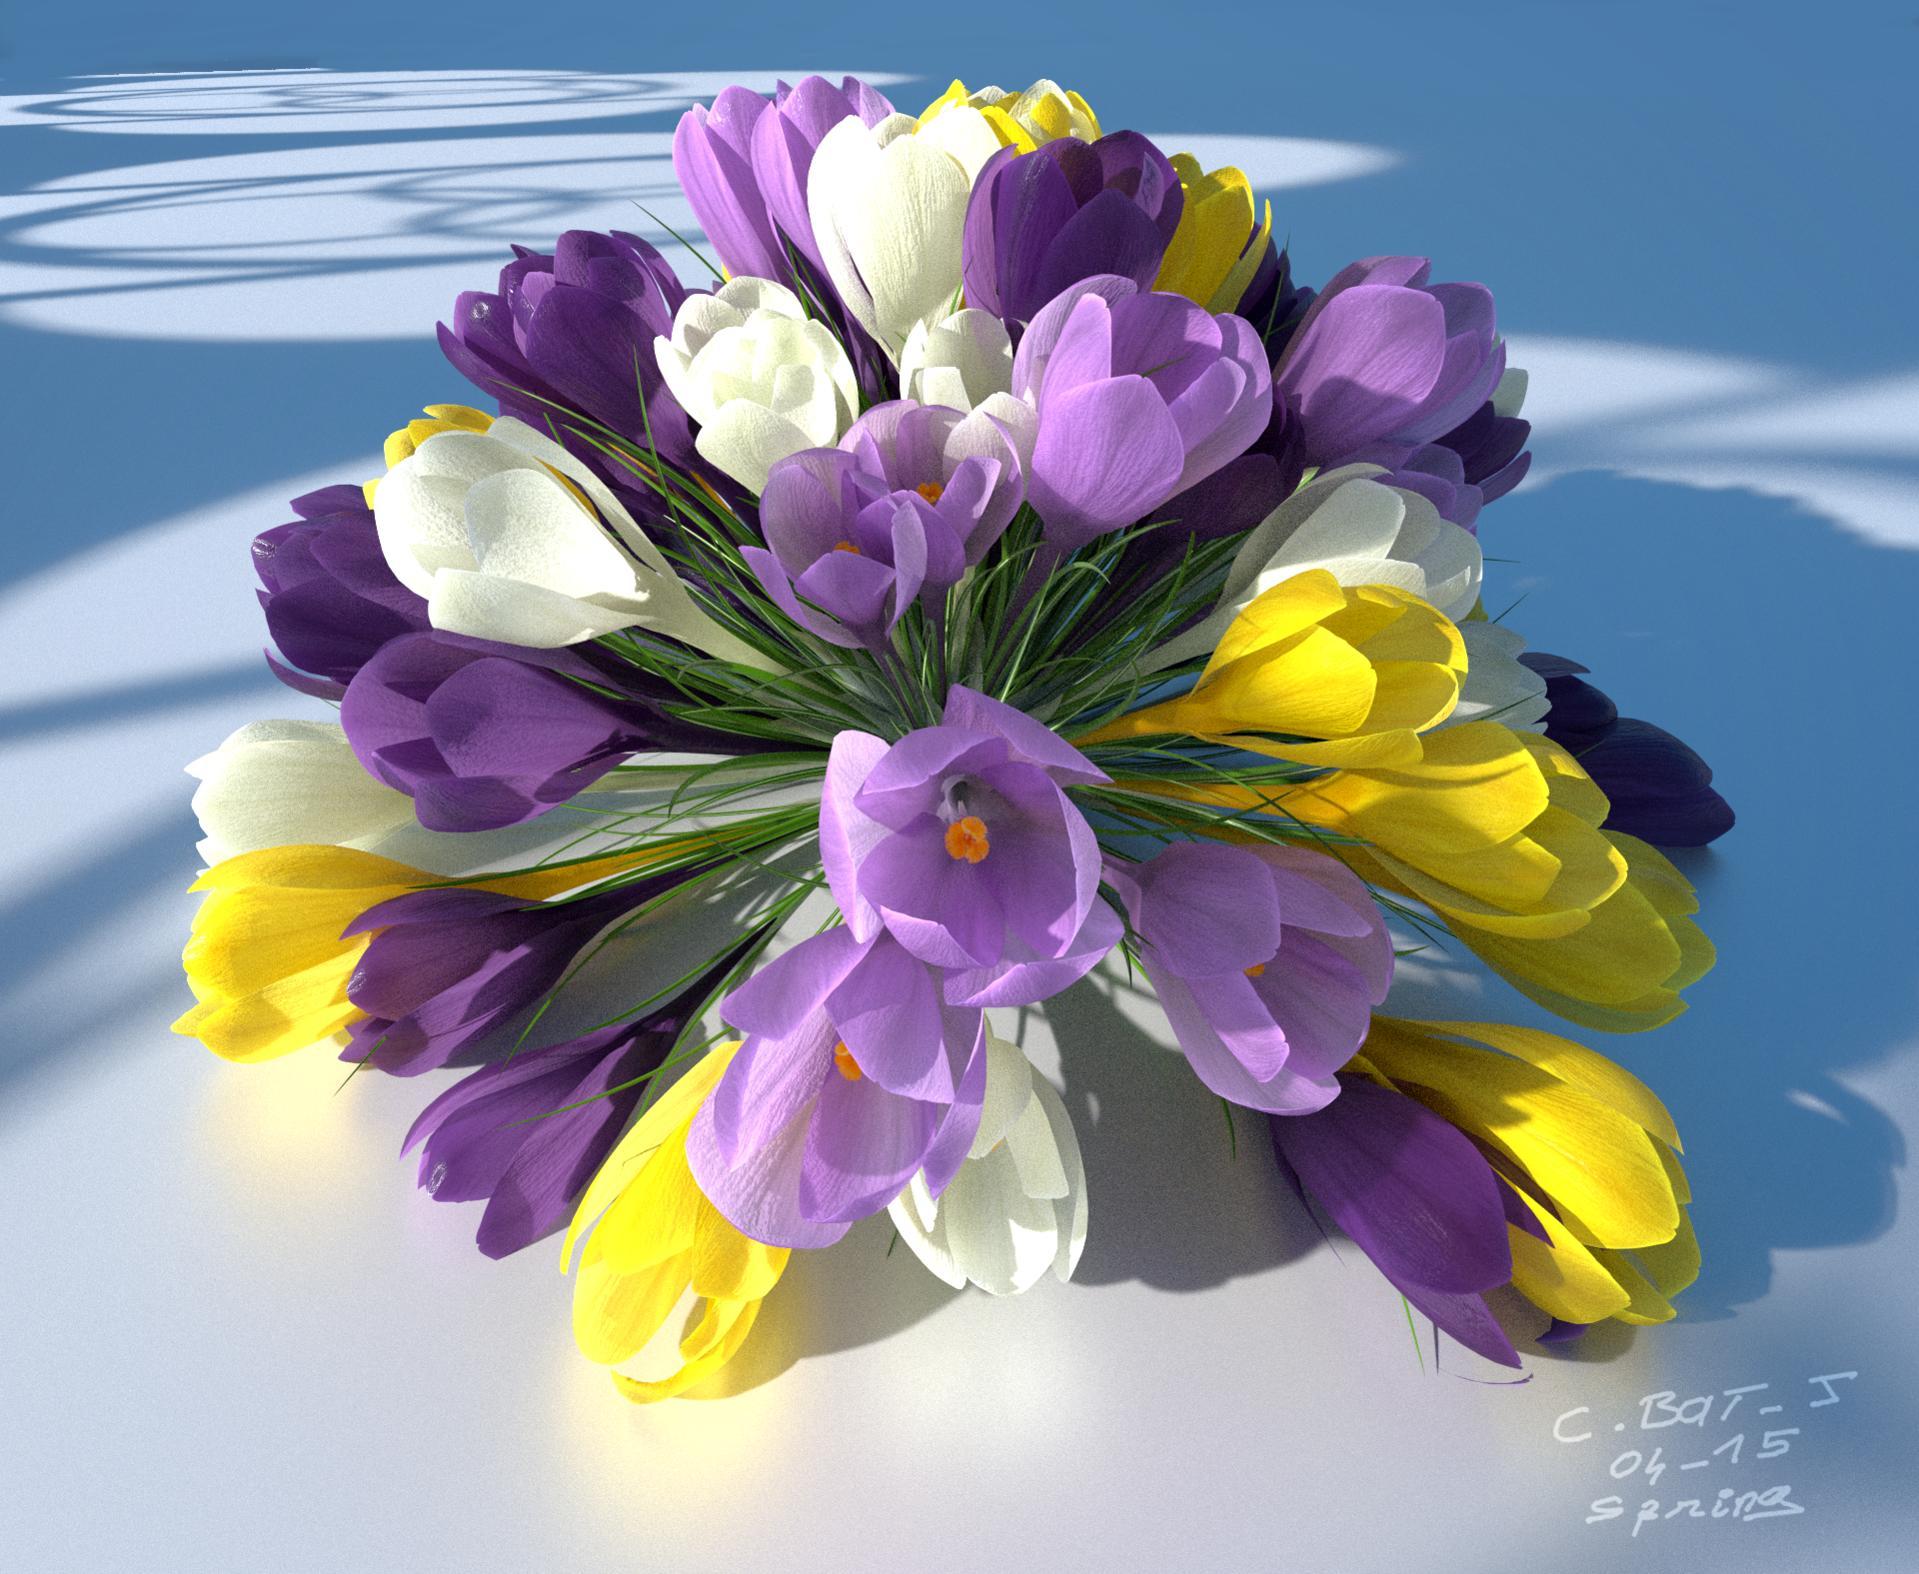 a touch of spring: 3d flowers for blender - latest news - blender